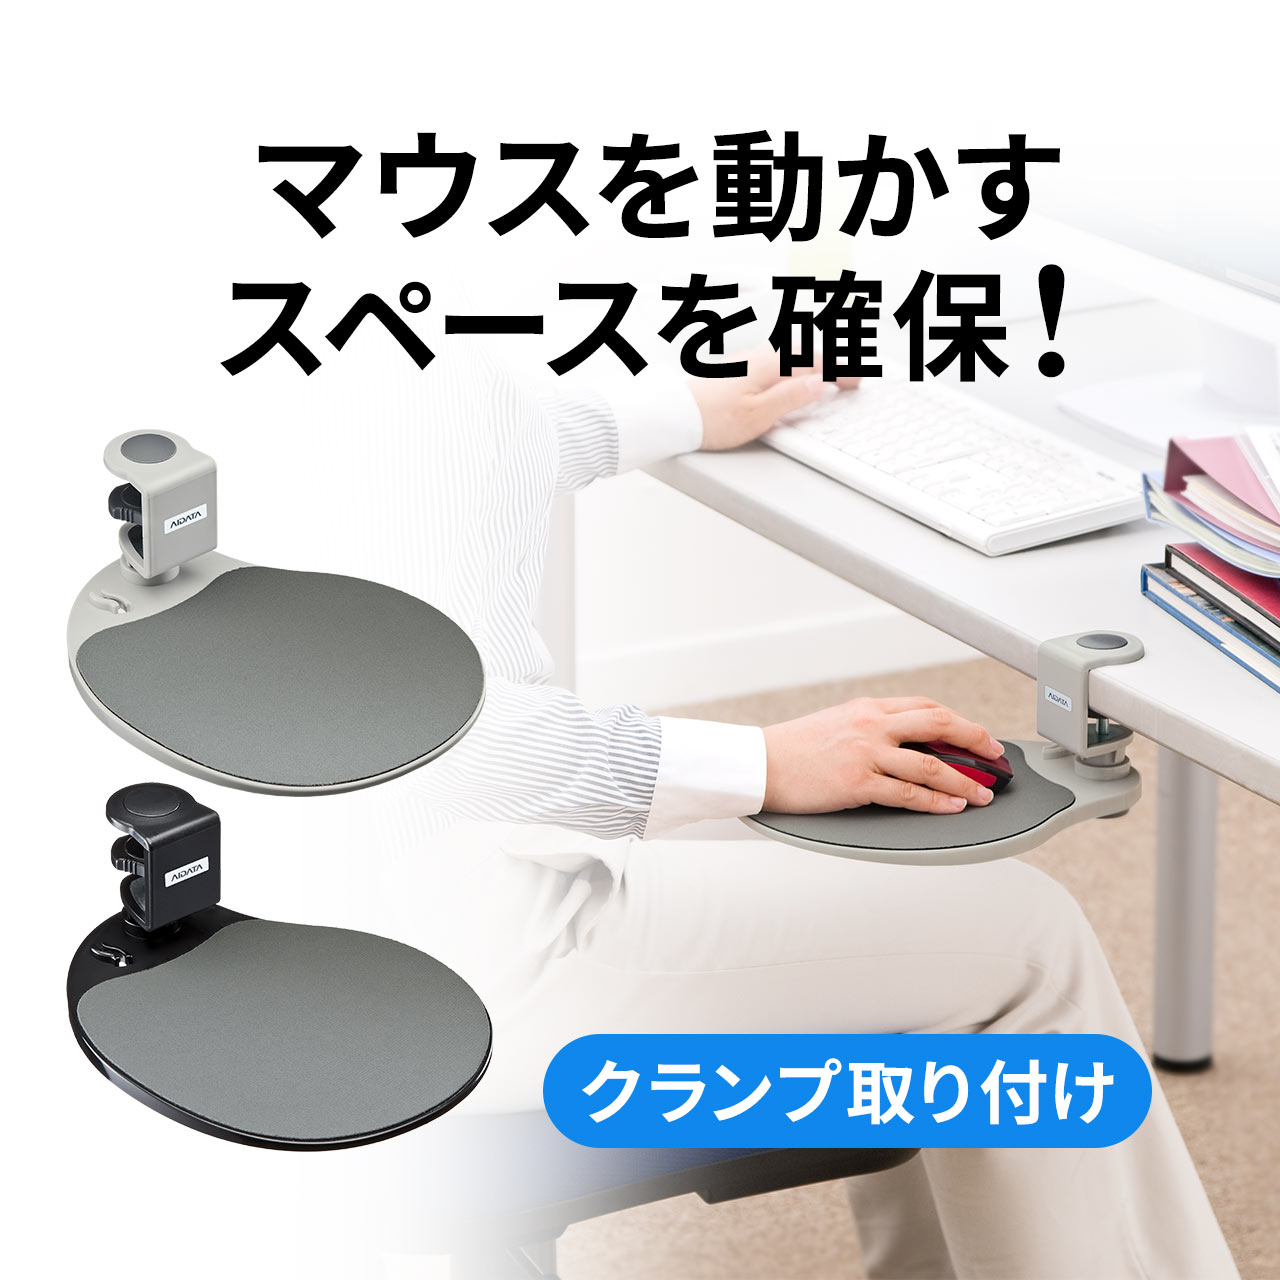 マウスパッド 360度回転 クランプ式 ポリエチレン布マウスパッド マウステーブル マウスパット [200-MPD003]【サンワダイレクト限定品】